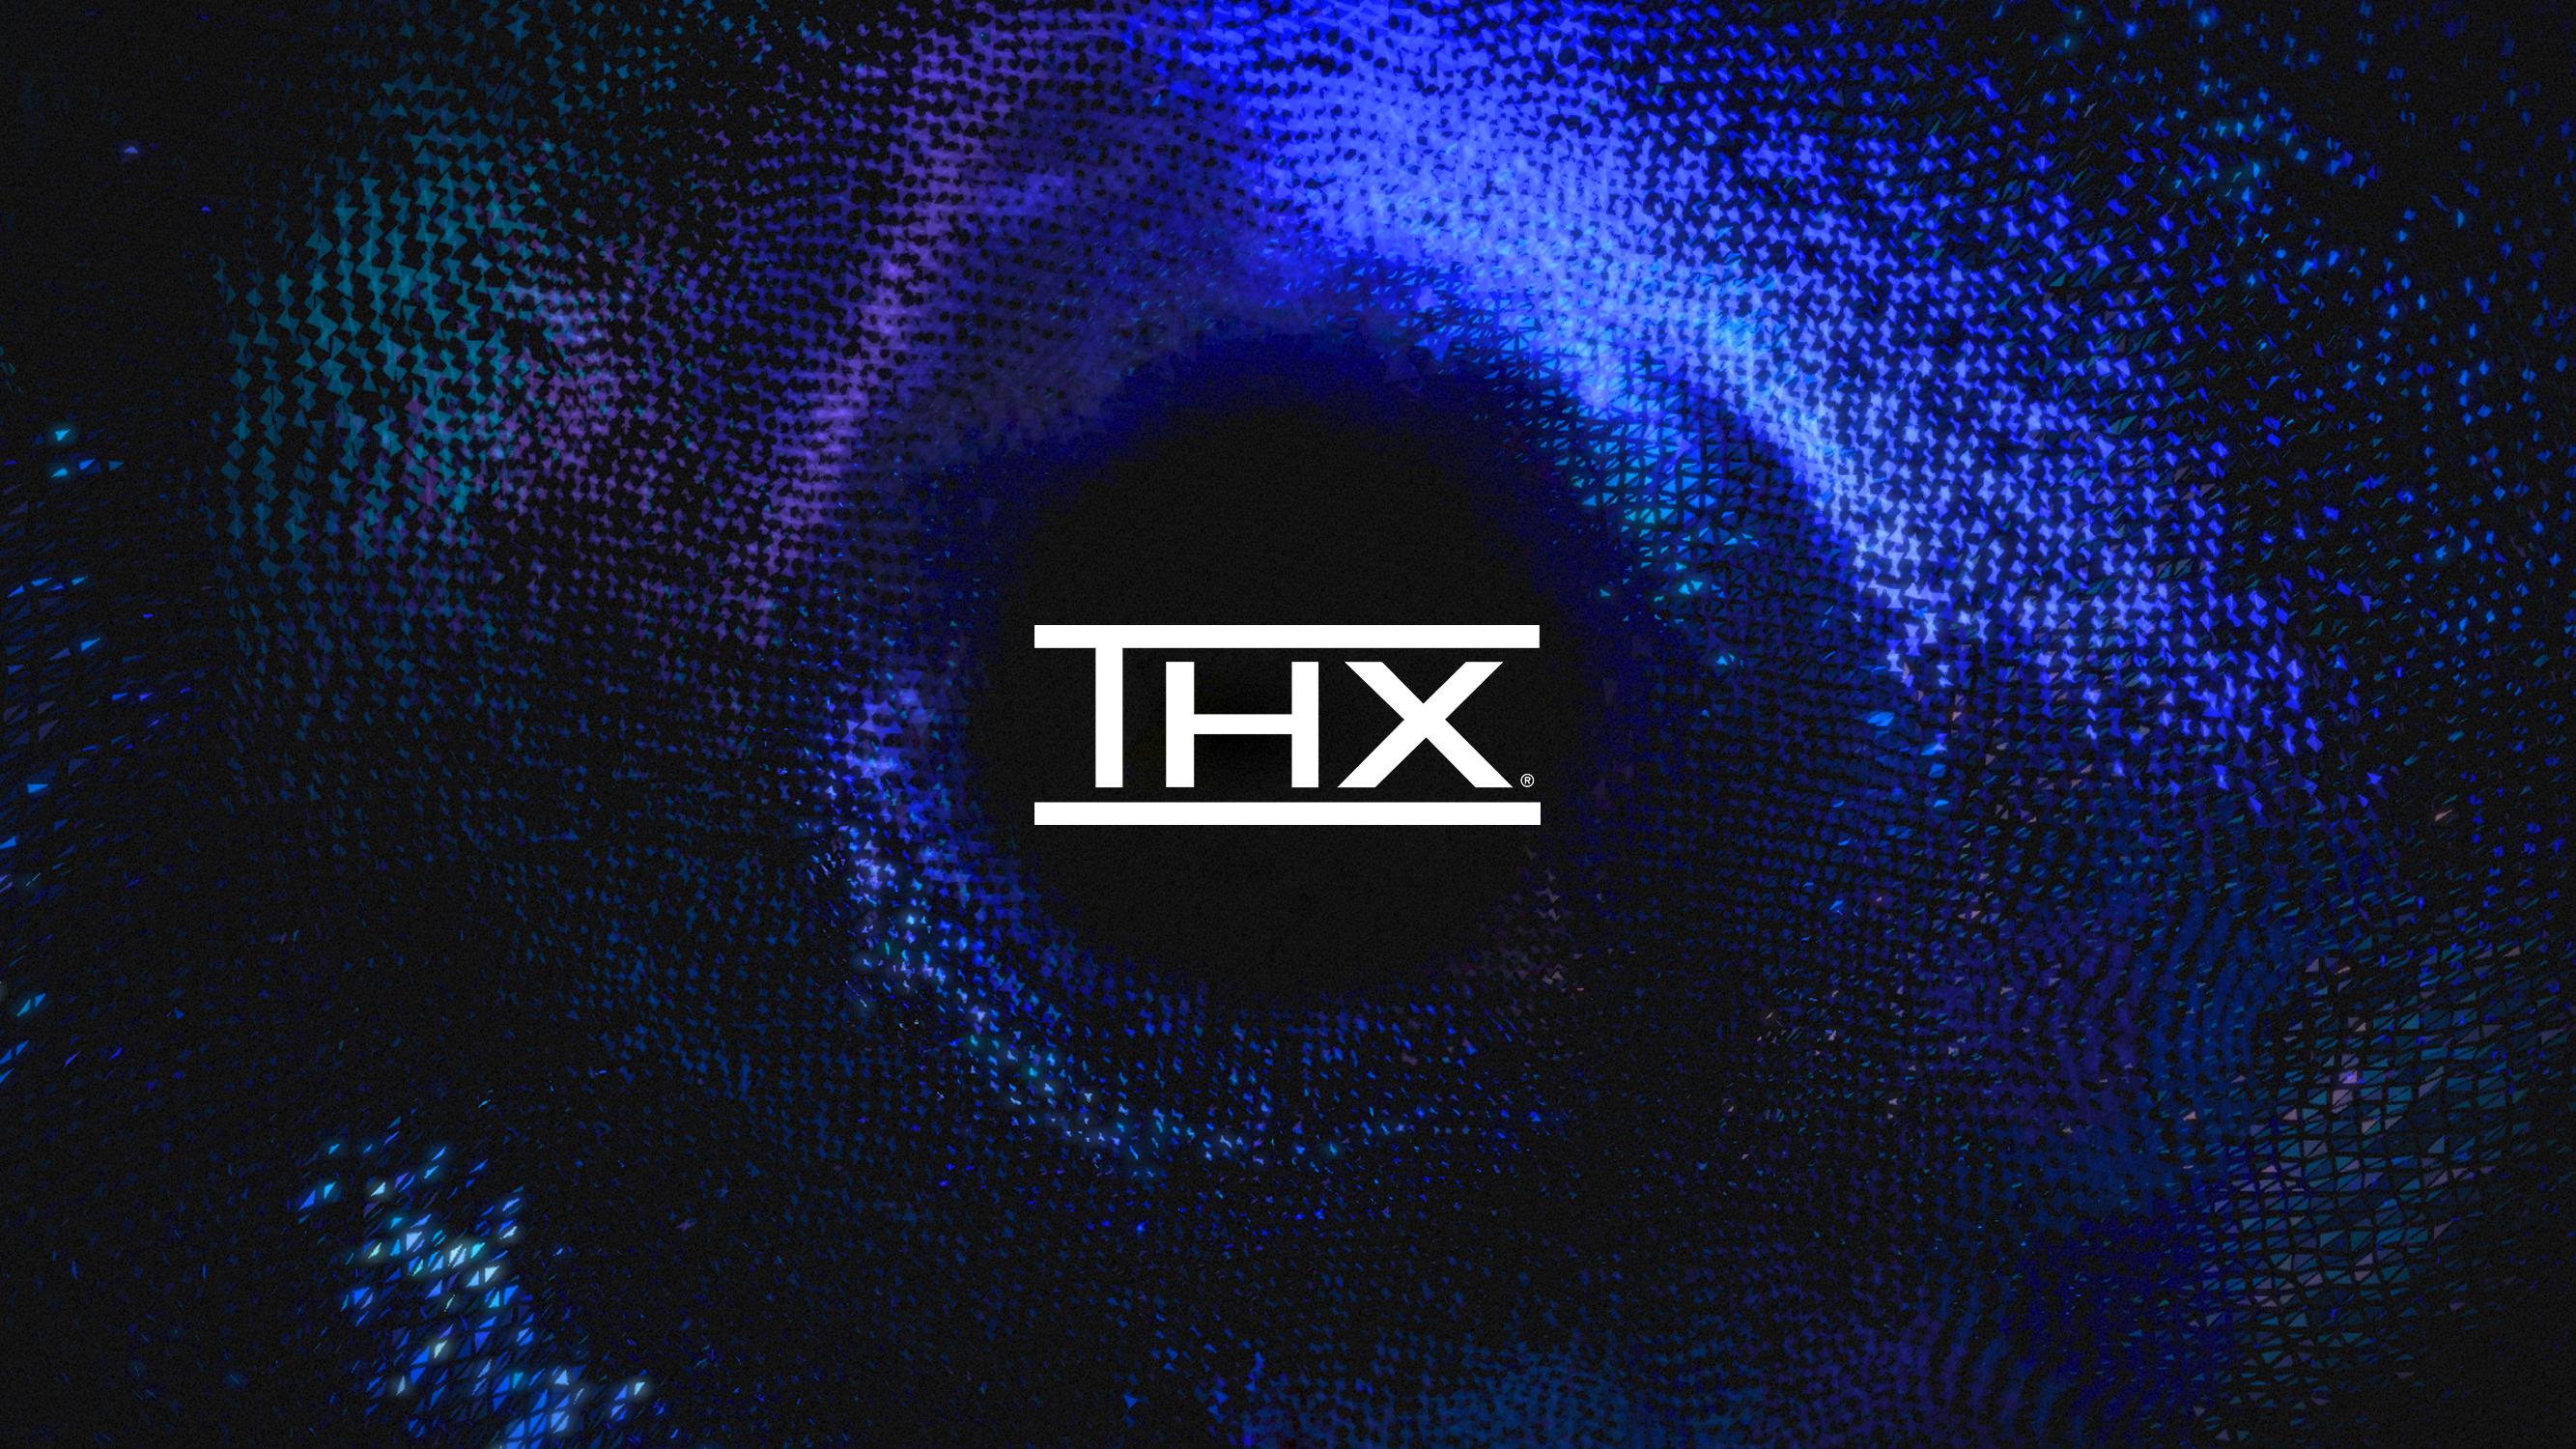 THX® Announces Premium Large Format Cinema Offering at CinemaCon 2018 – THX